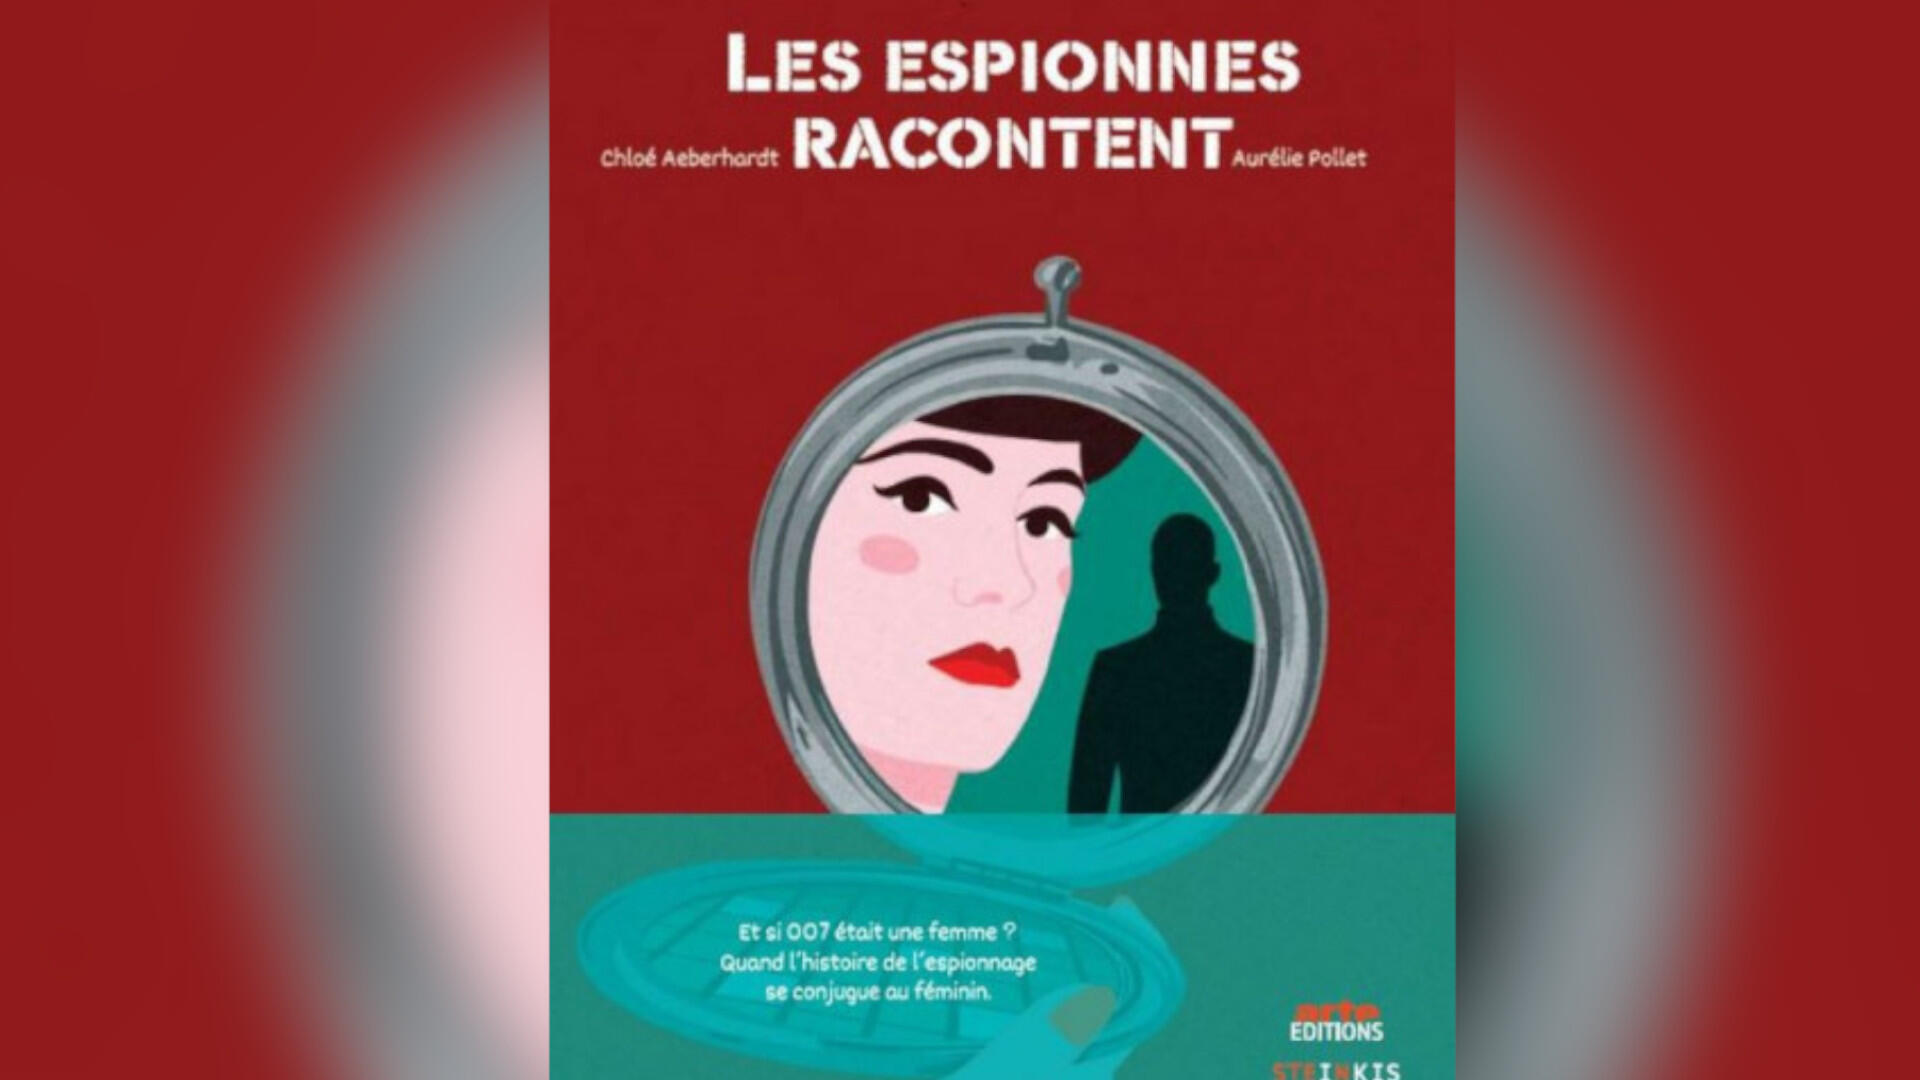 «Les Espionnes racontent» de Chloé Aeberhardt et Aurélie Pollet